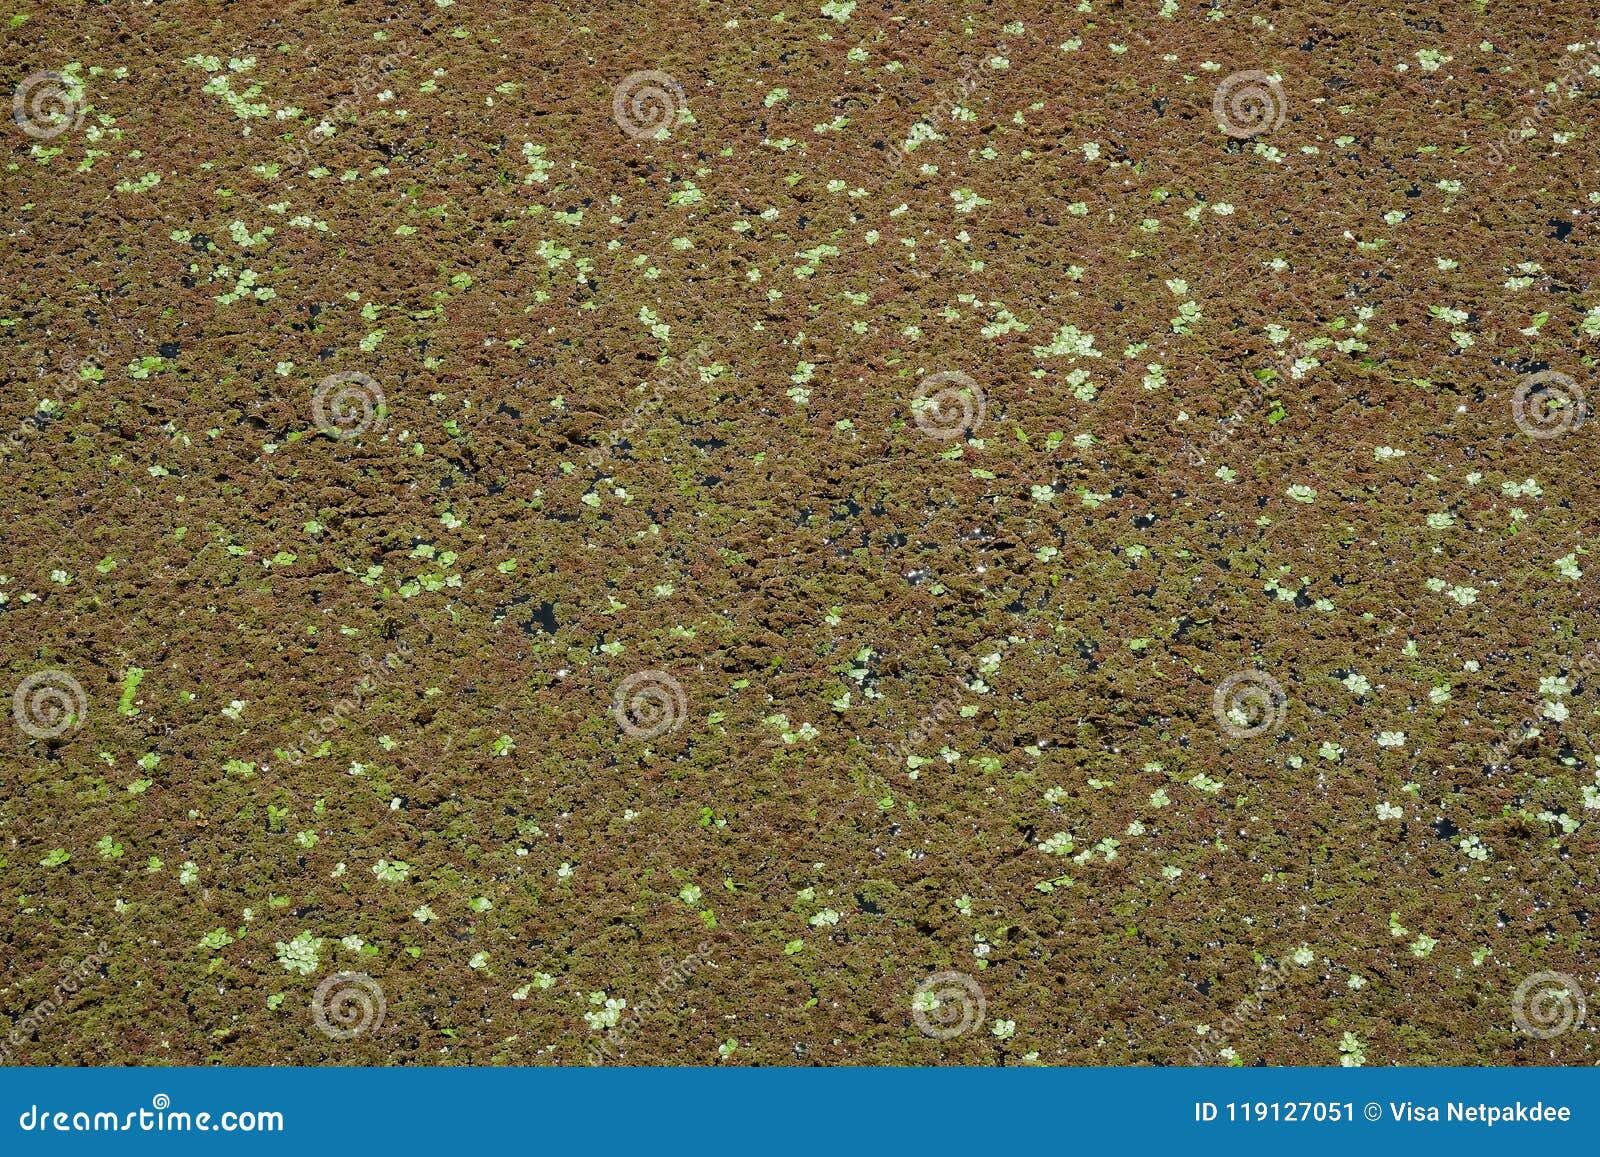 Groen algen en eendekroos in het water